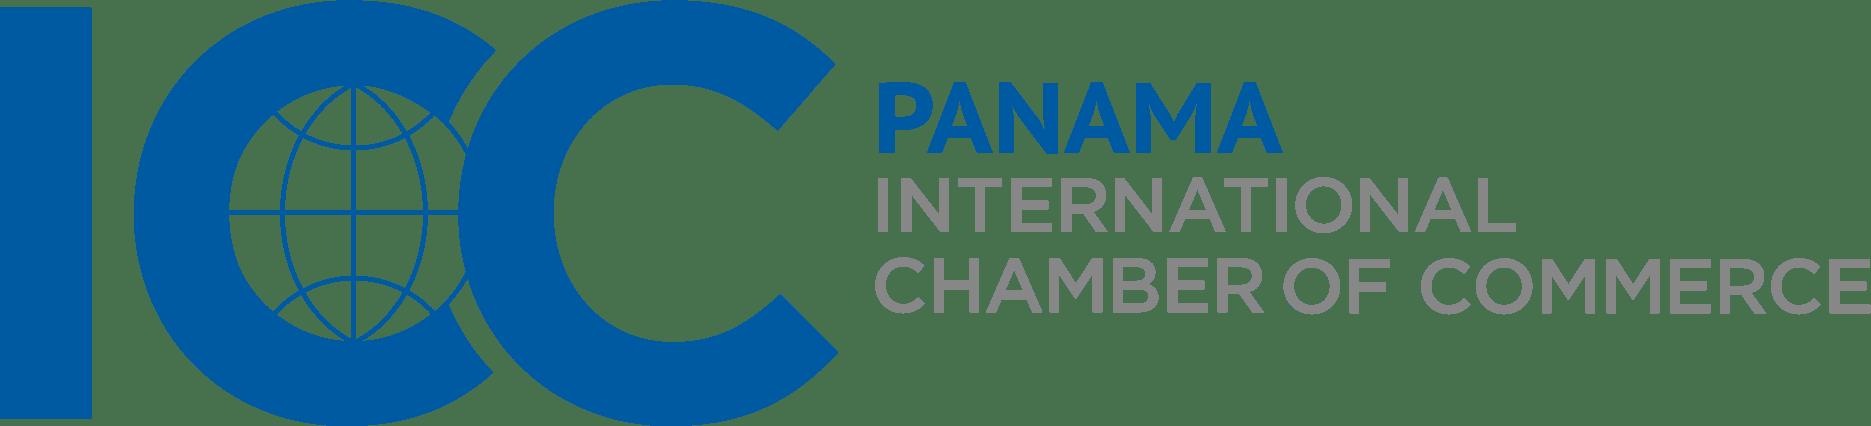 Camara de Comercio, Industria y Agricultura de Panamá